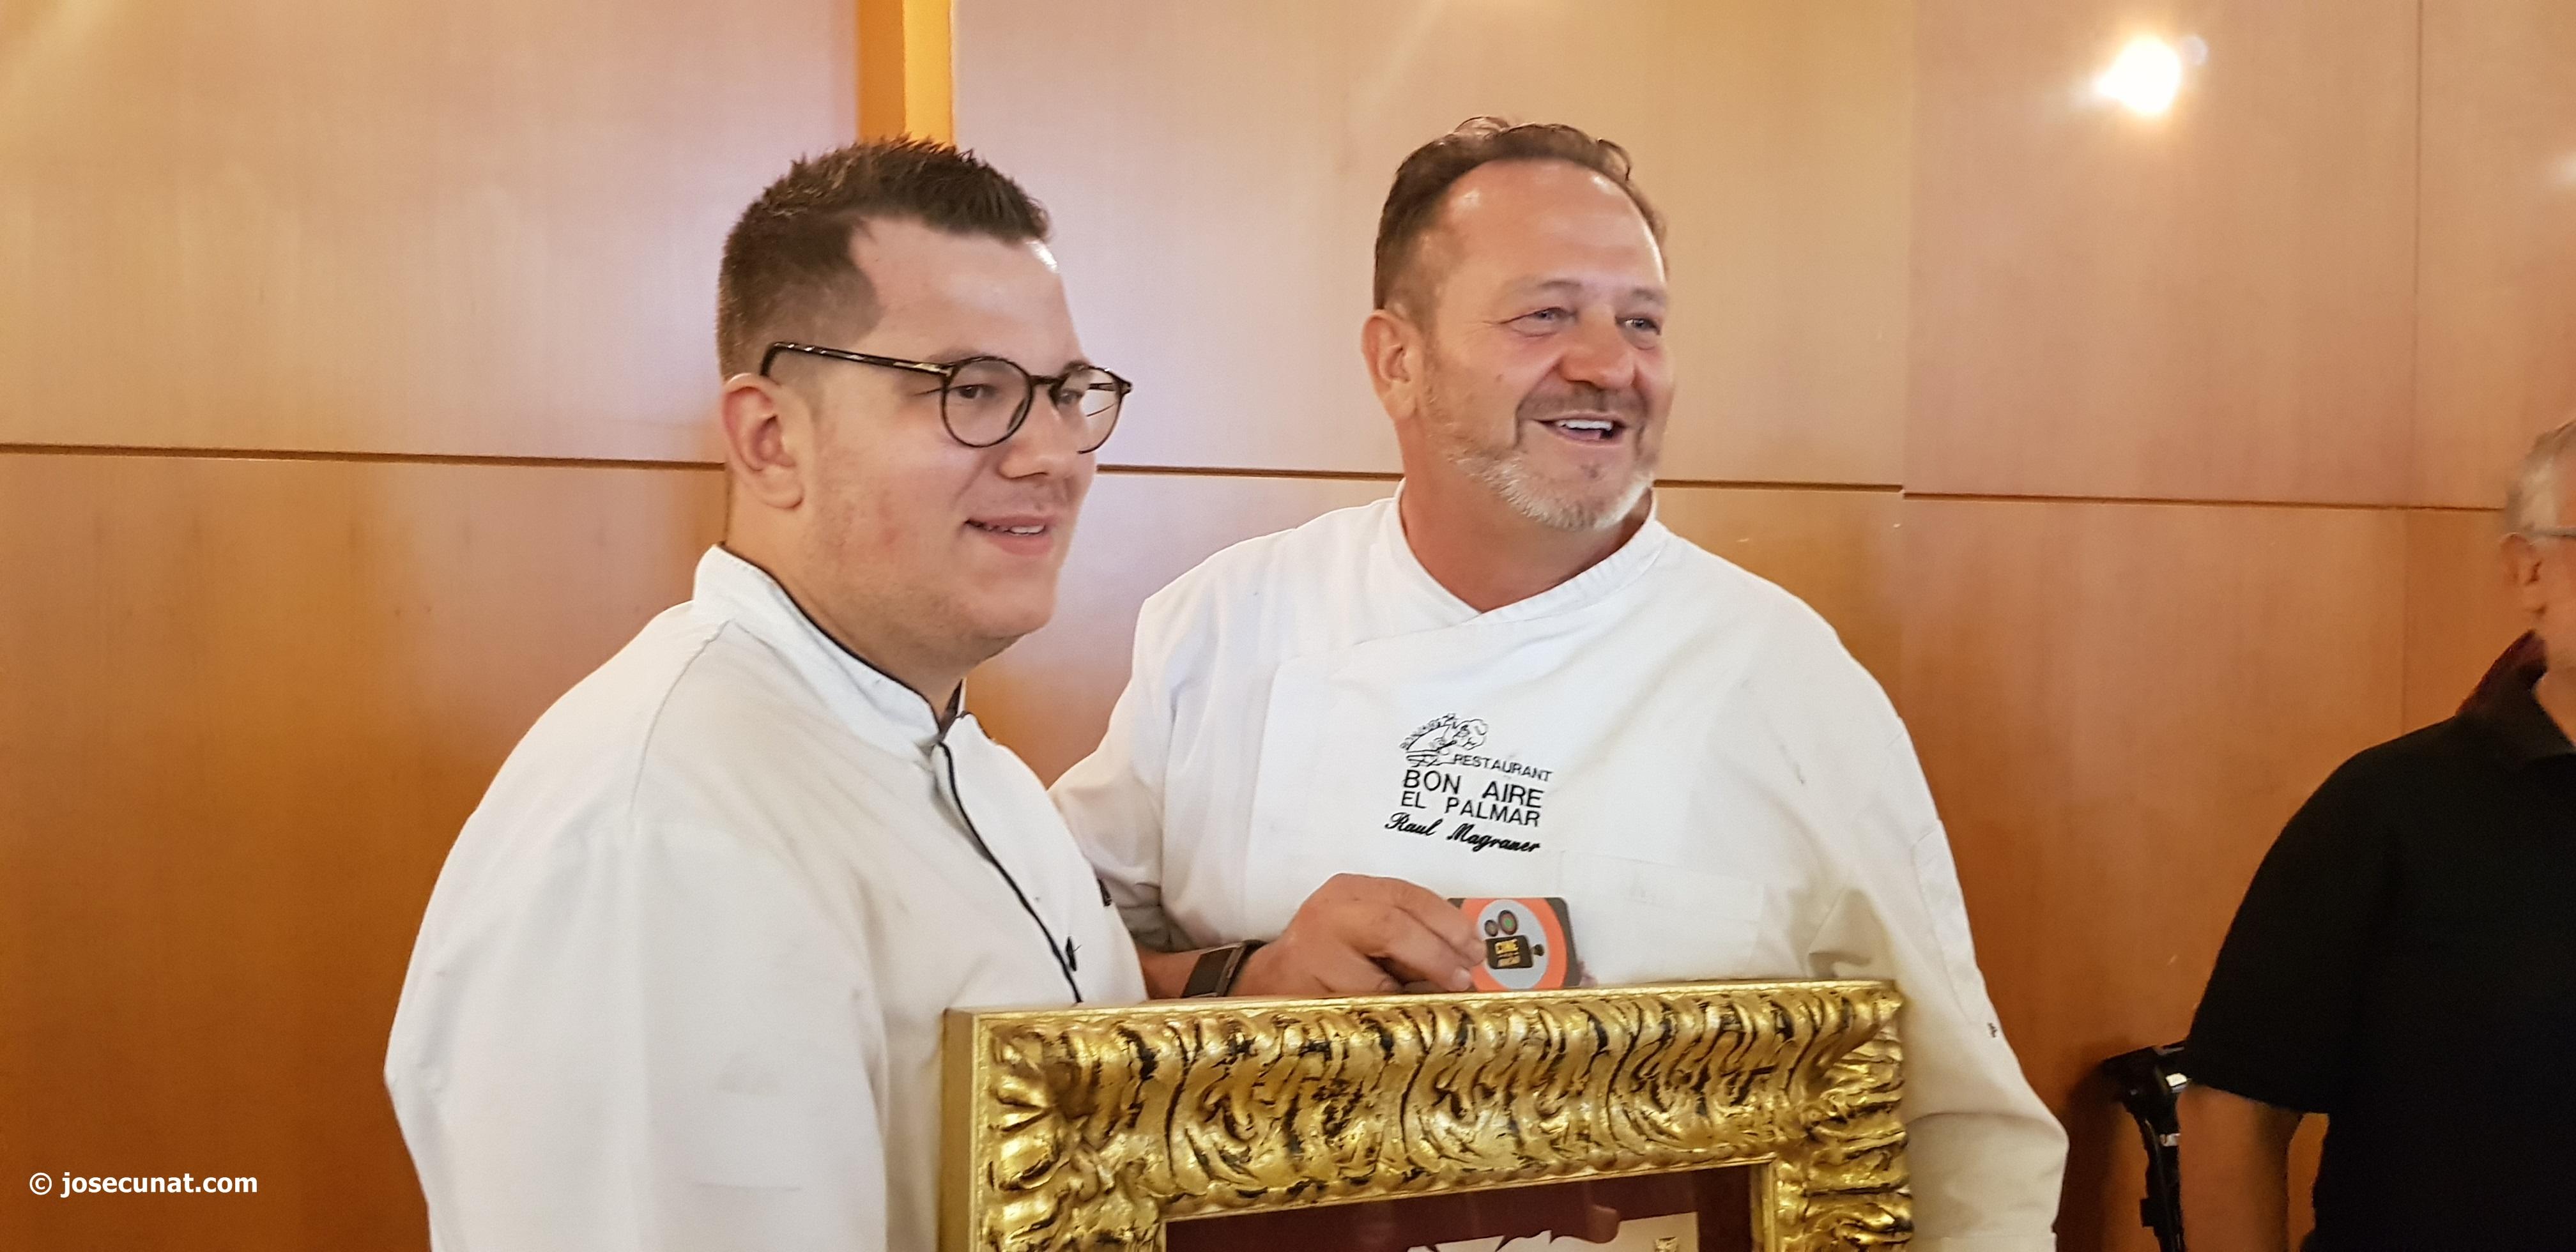 Concurs Internacional de Paella Valenciana de Sueca El Restaurante Bon Aire del Palmar se alza con el título de Mejor Paella Valenciana en 2018